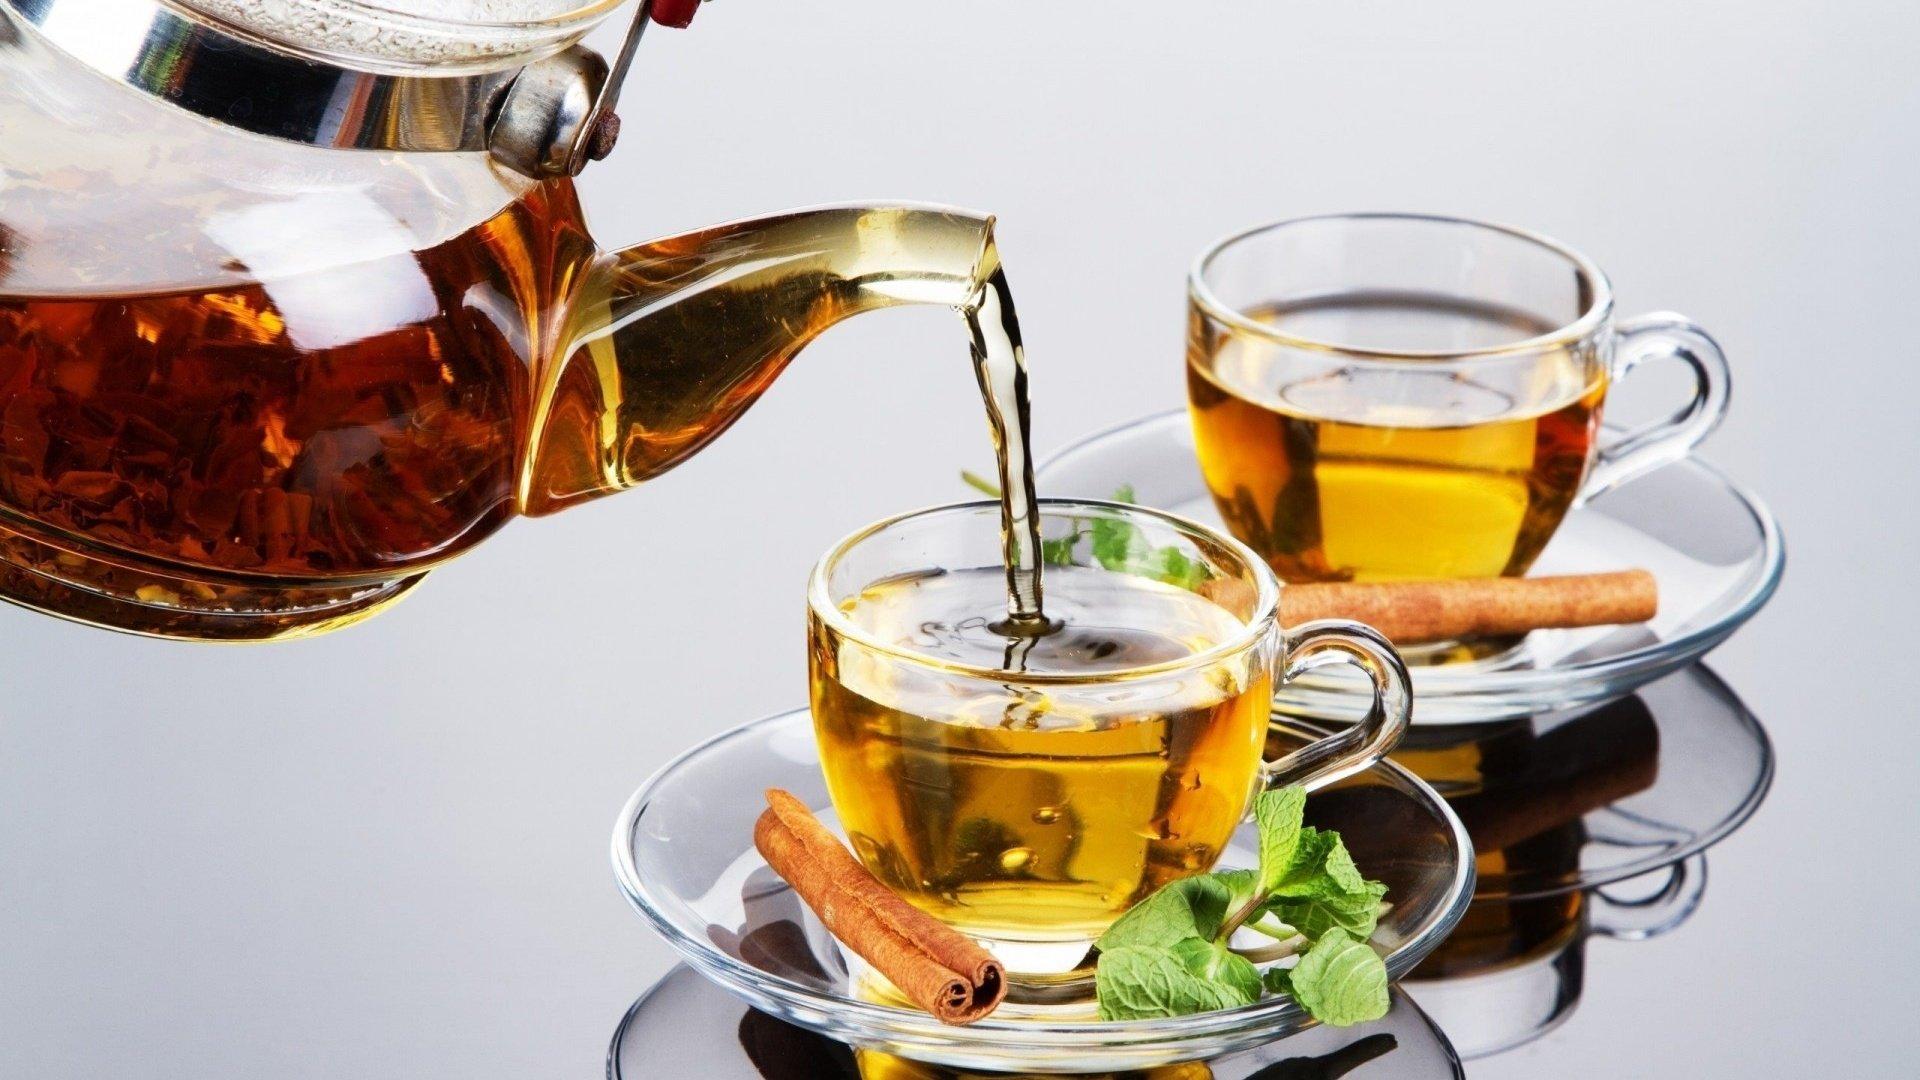 полового органа чай обои на рабочий стол даном случае